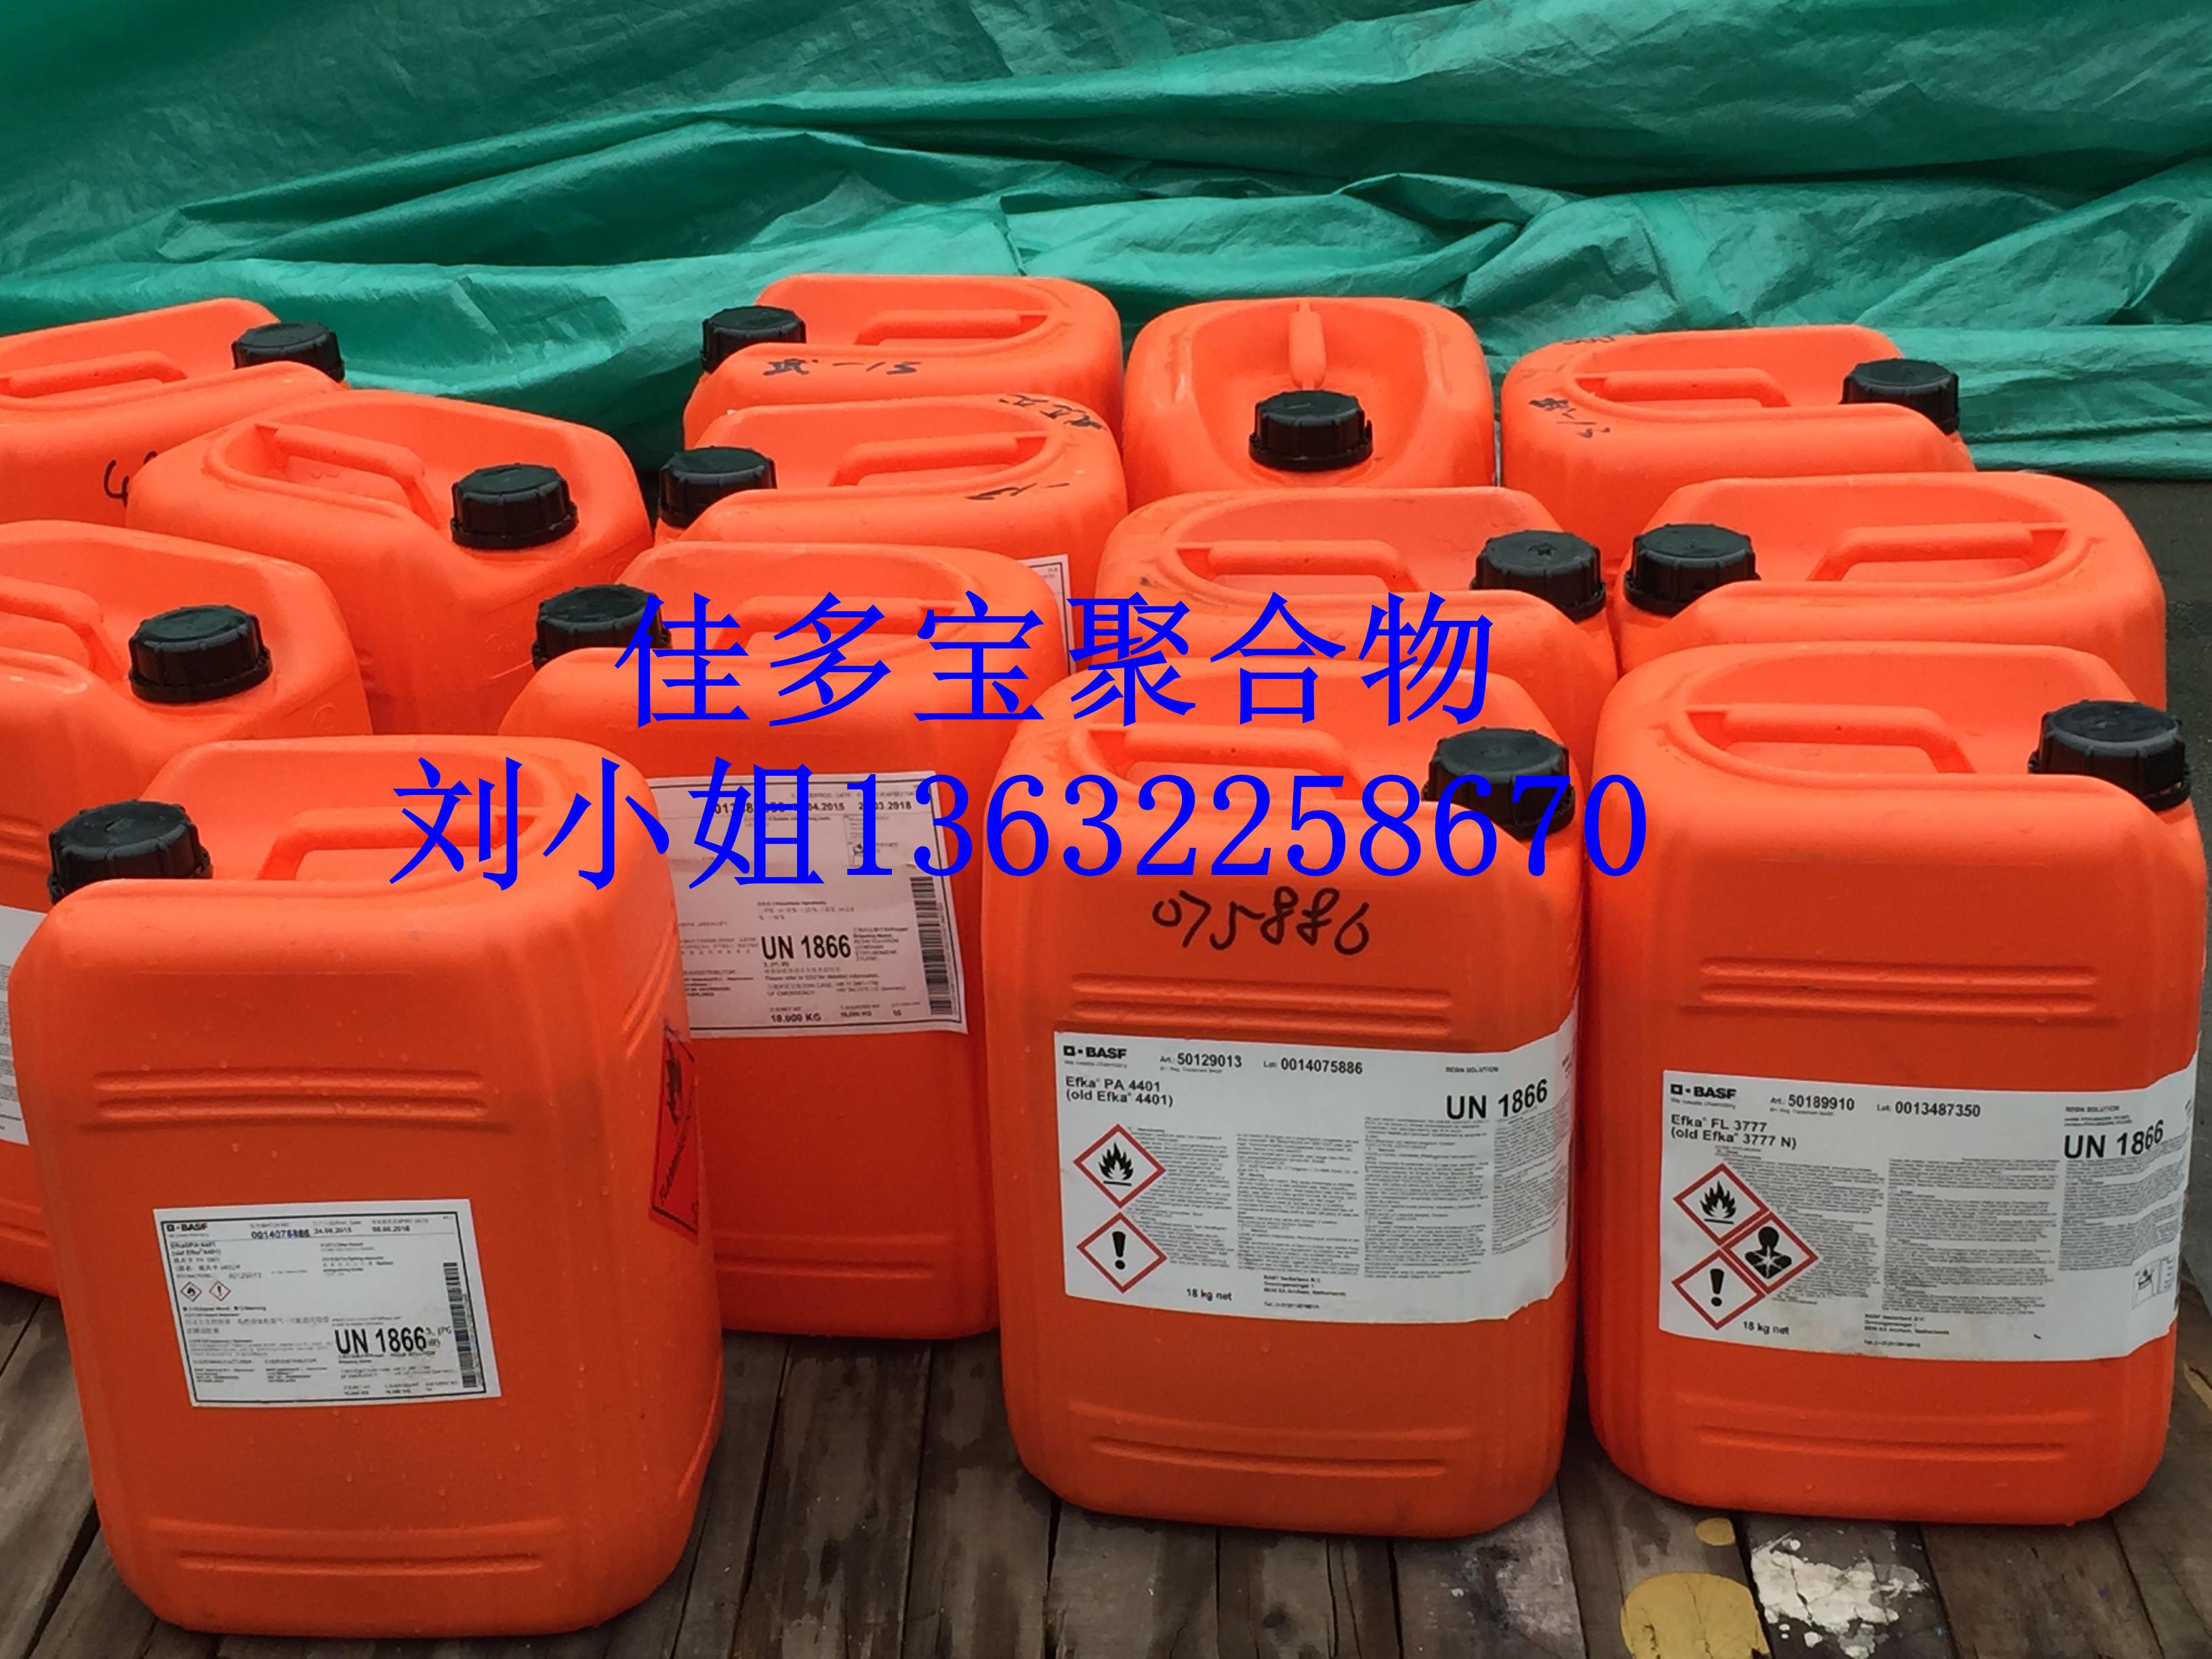 埃夫卡EFKA-2022消泡剂辅助表面流平的功能有效的消除施工或生产过程中产生的气泡